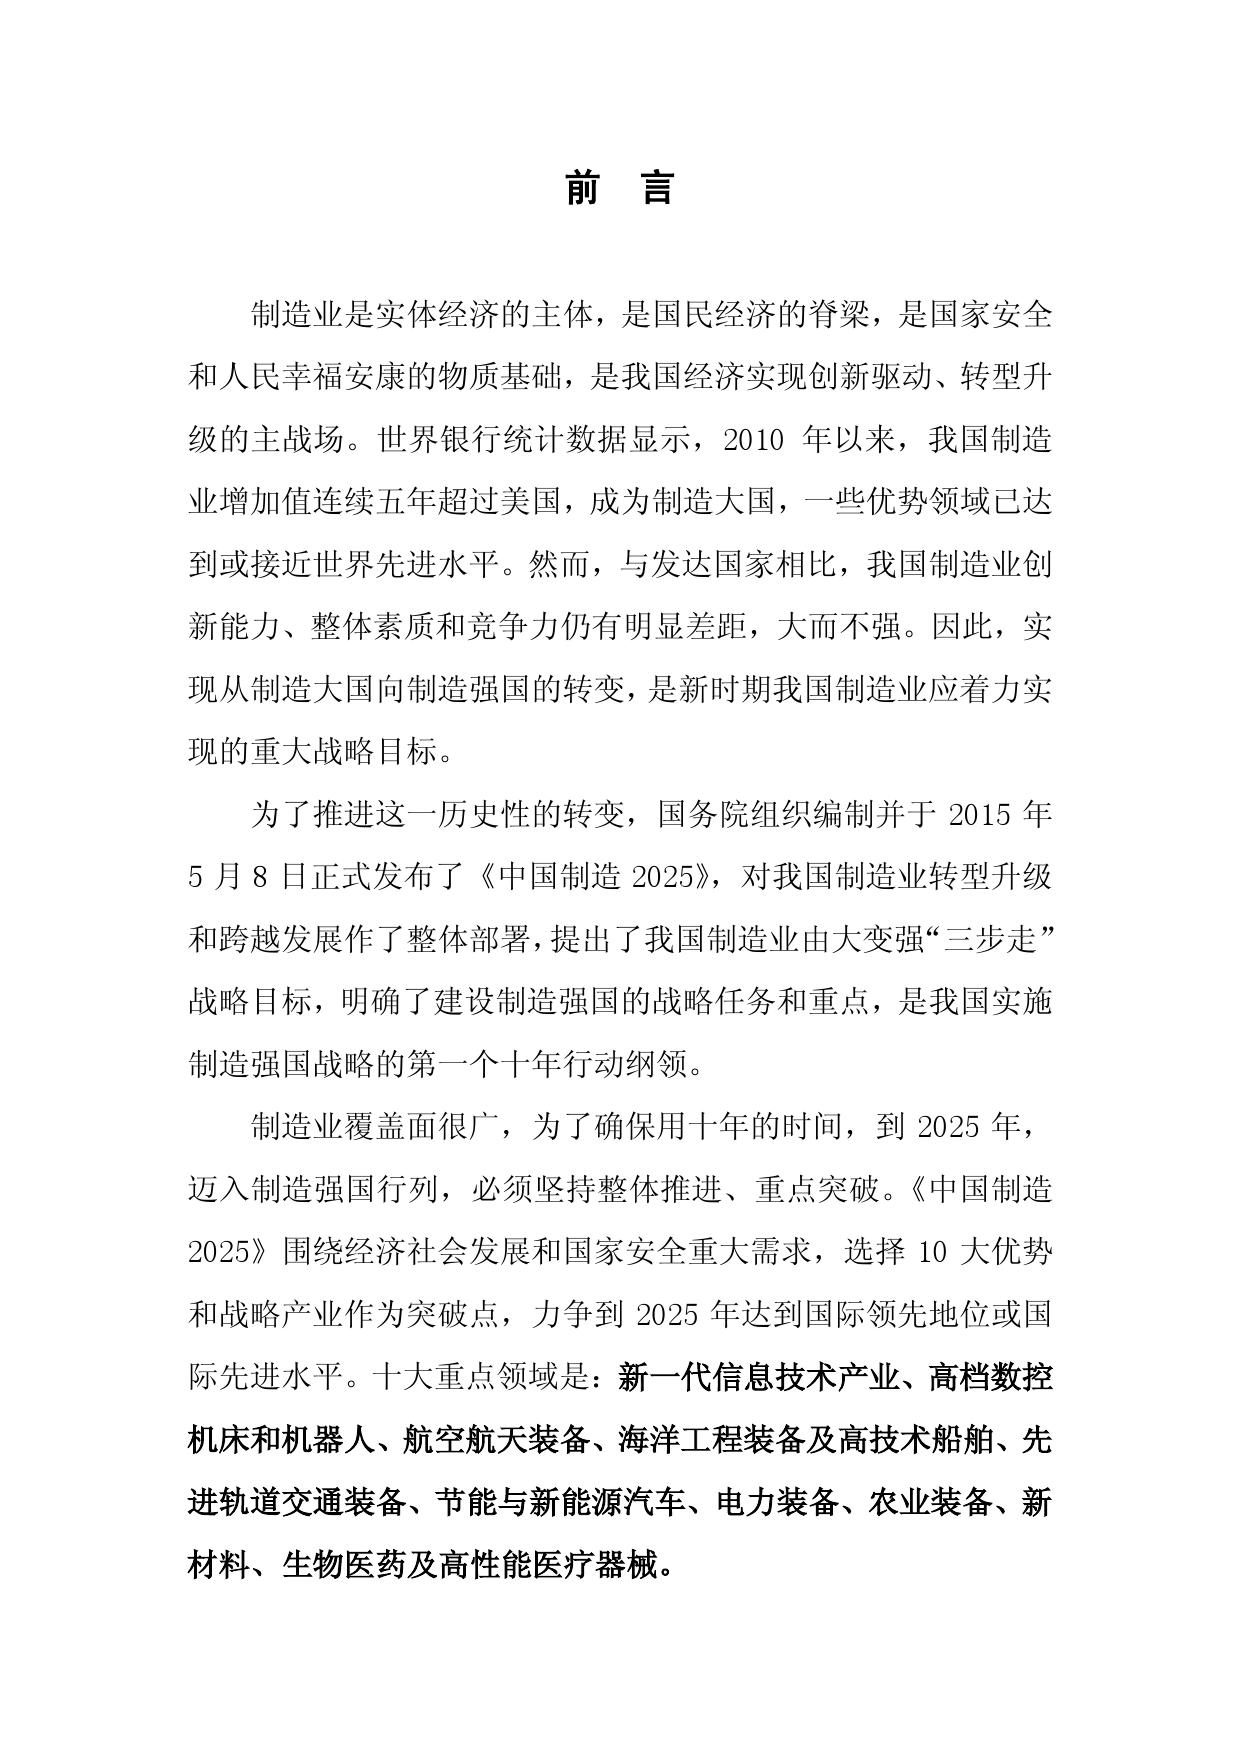 《中国制造 2025》重点领域技术路线图_000002